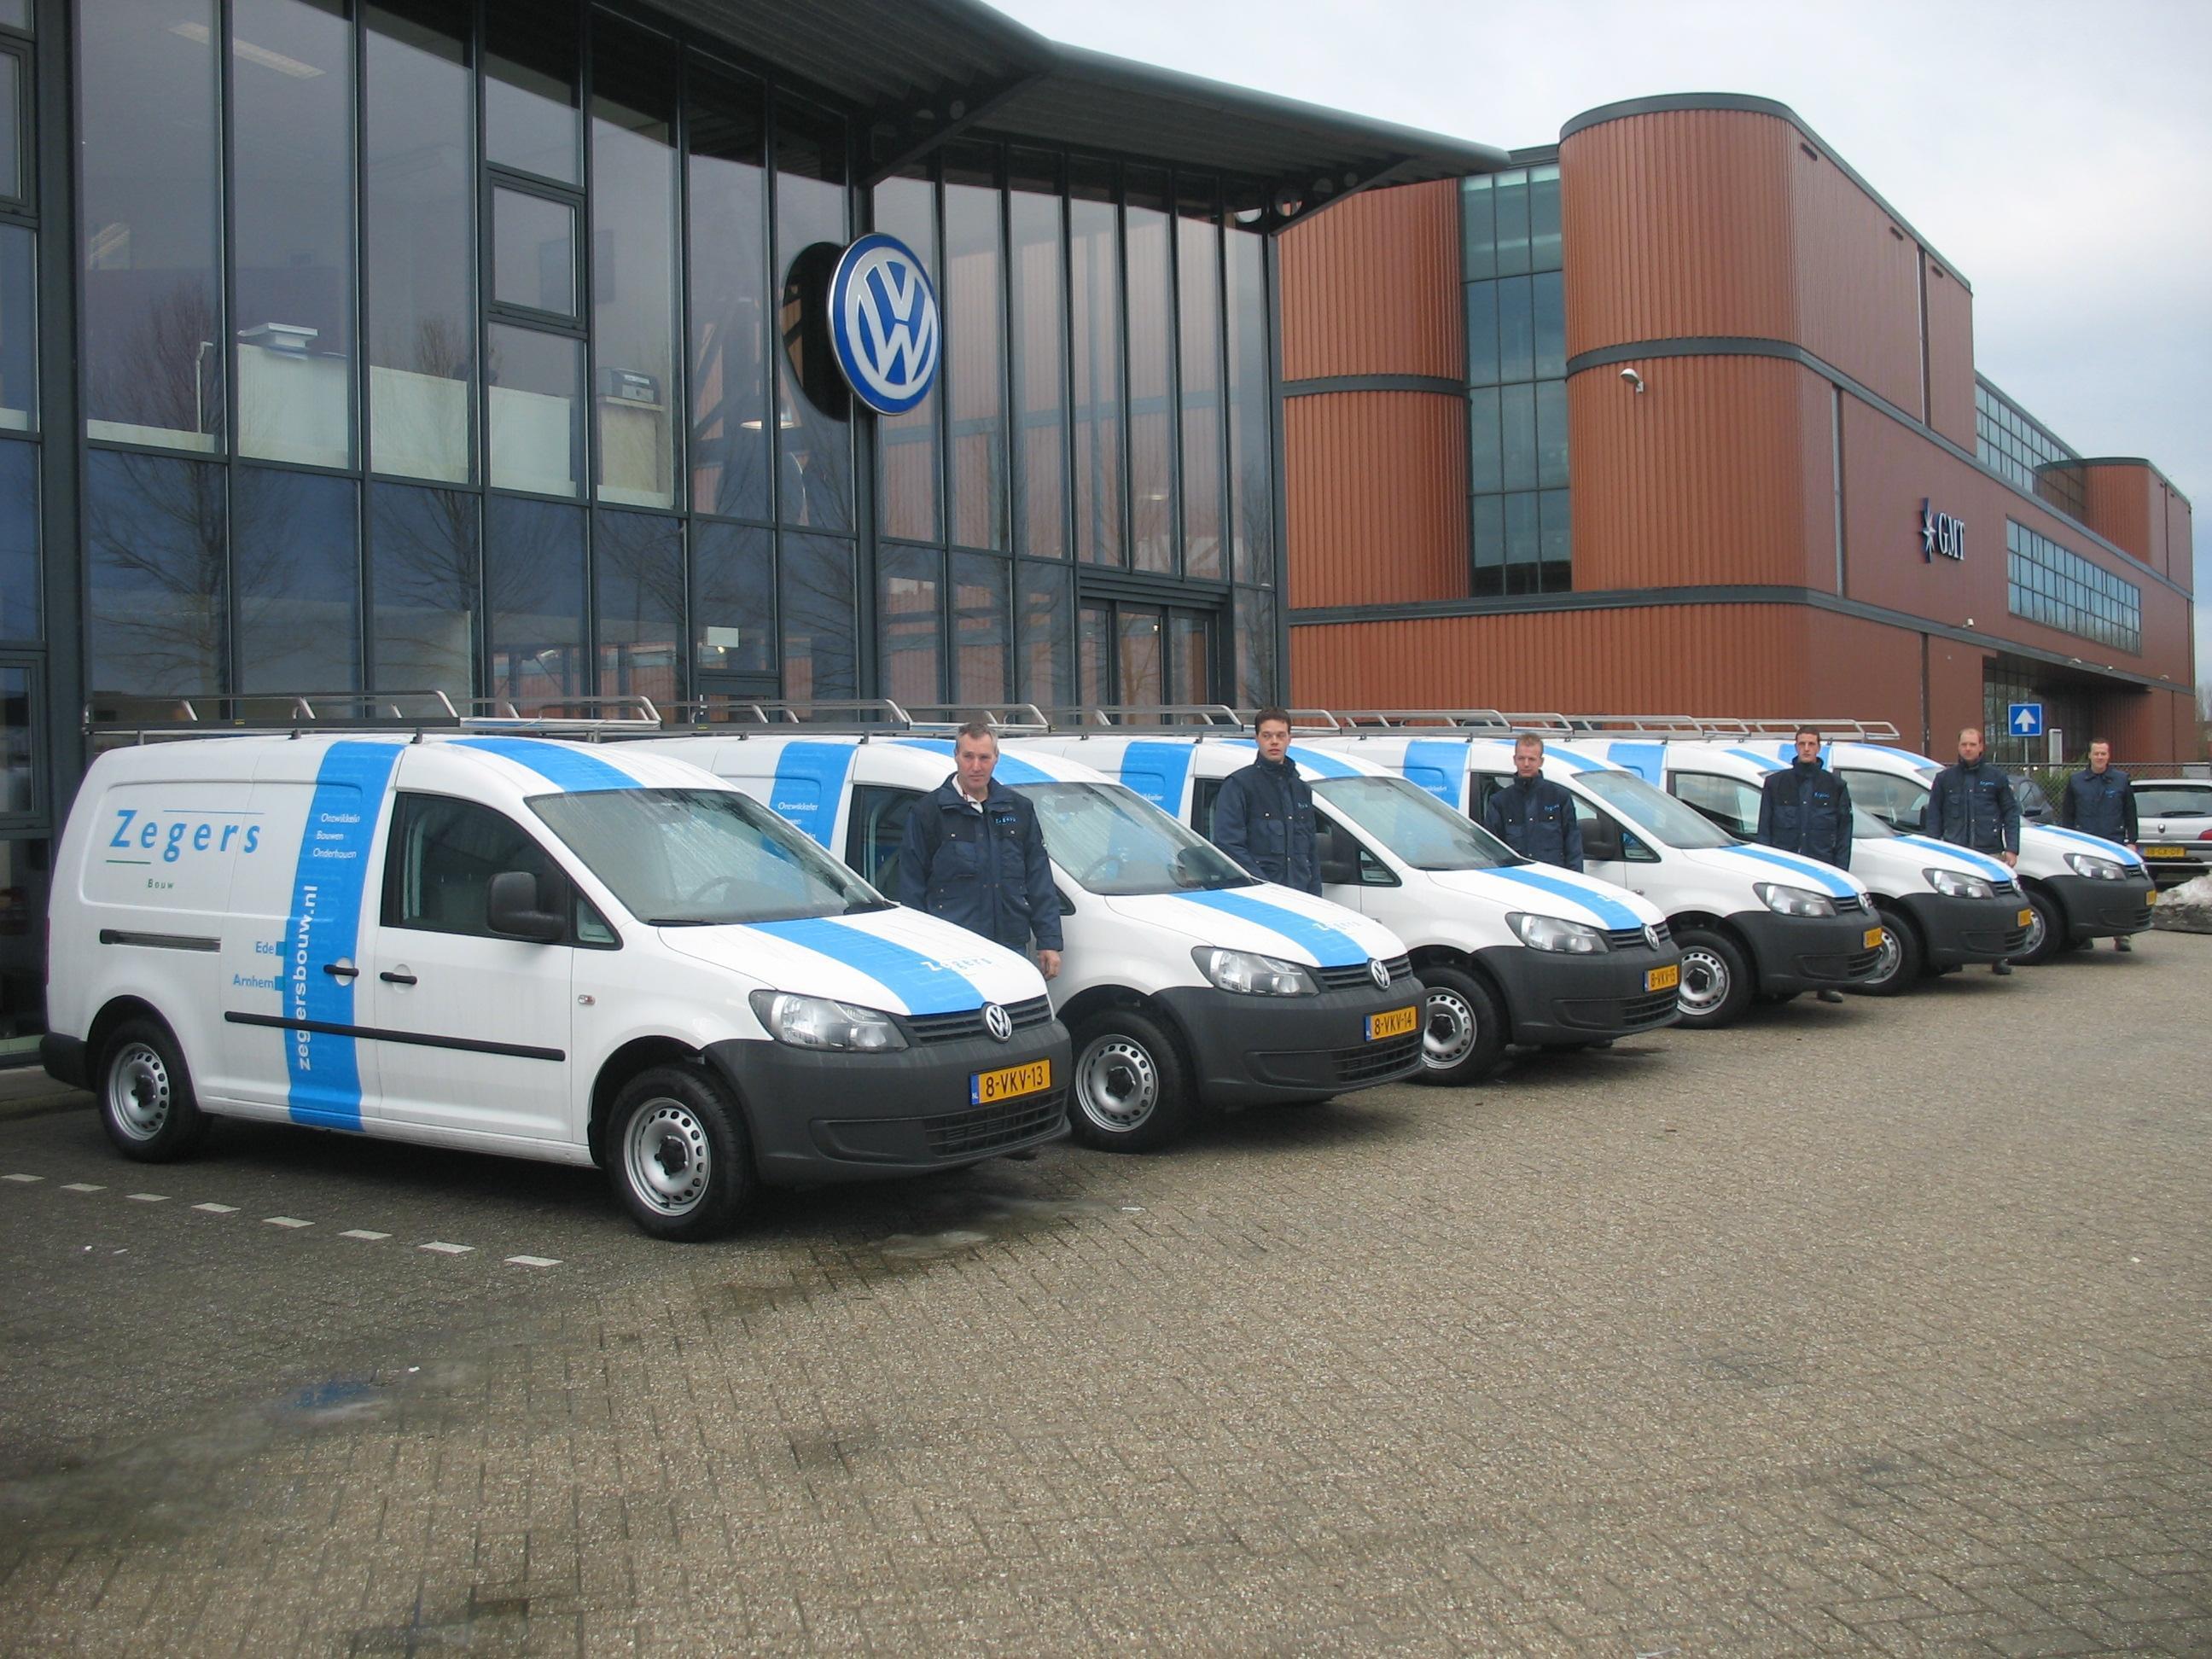 Zegers voorzien van duurzame bedrijfswagens